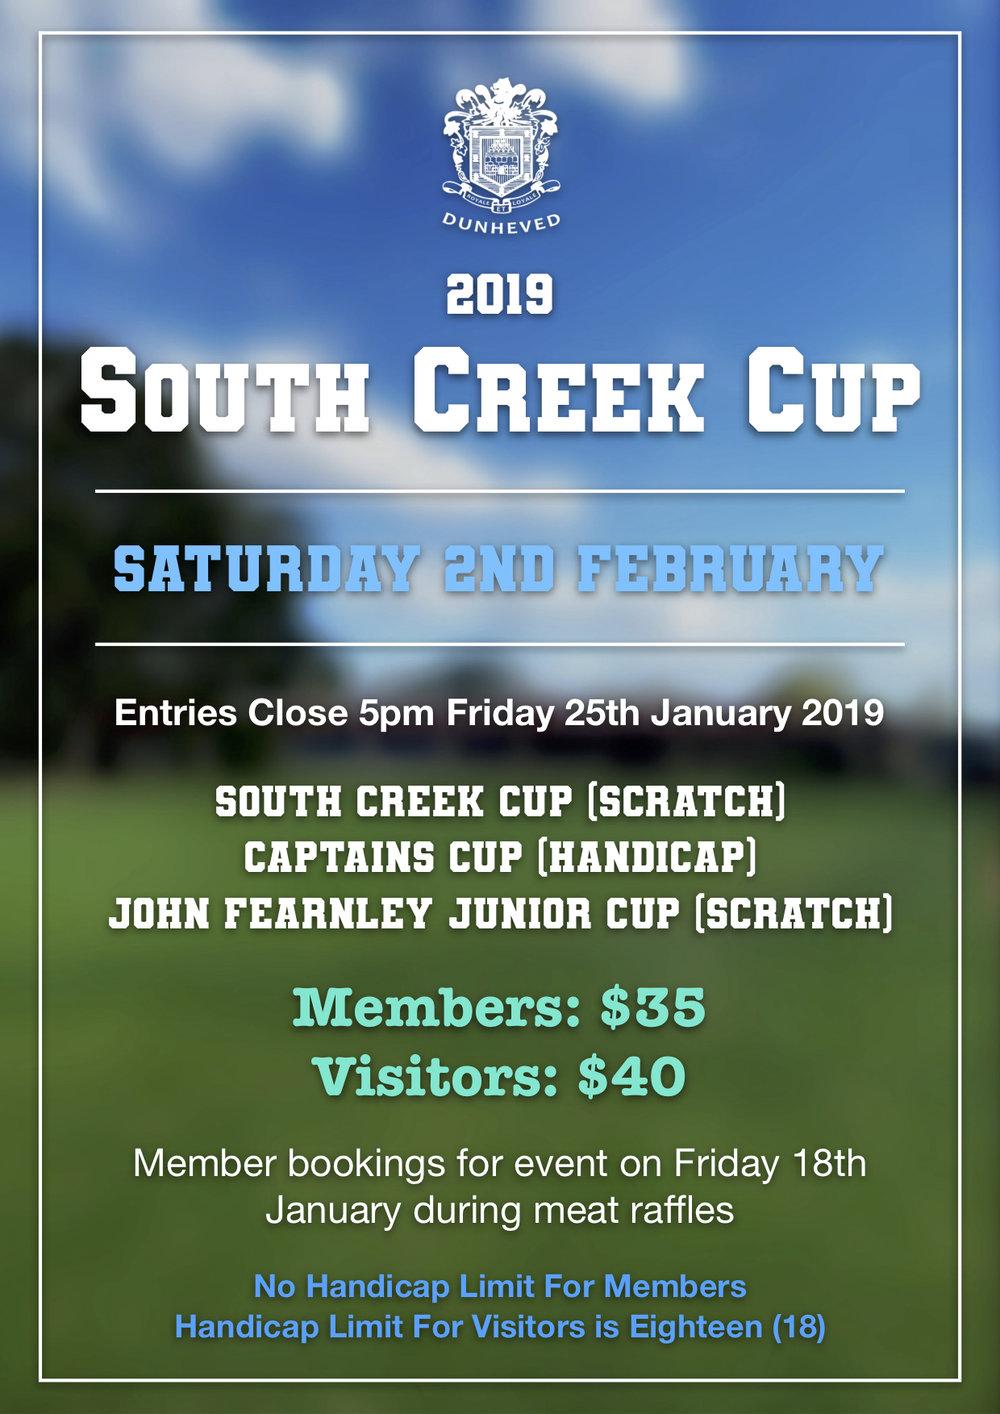 South Creek Cup 2019.jpg